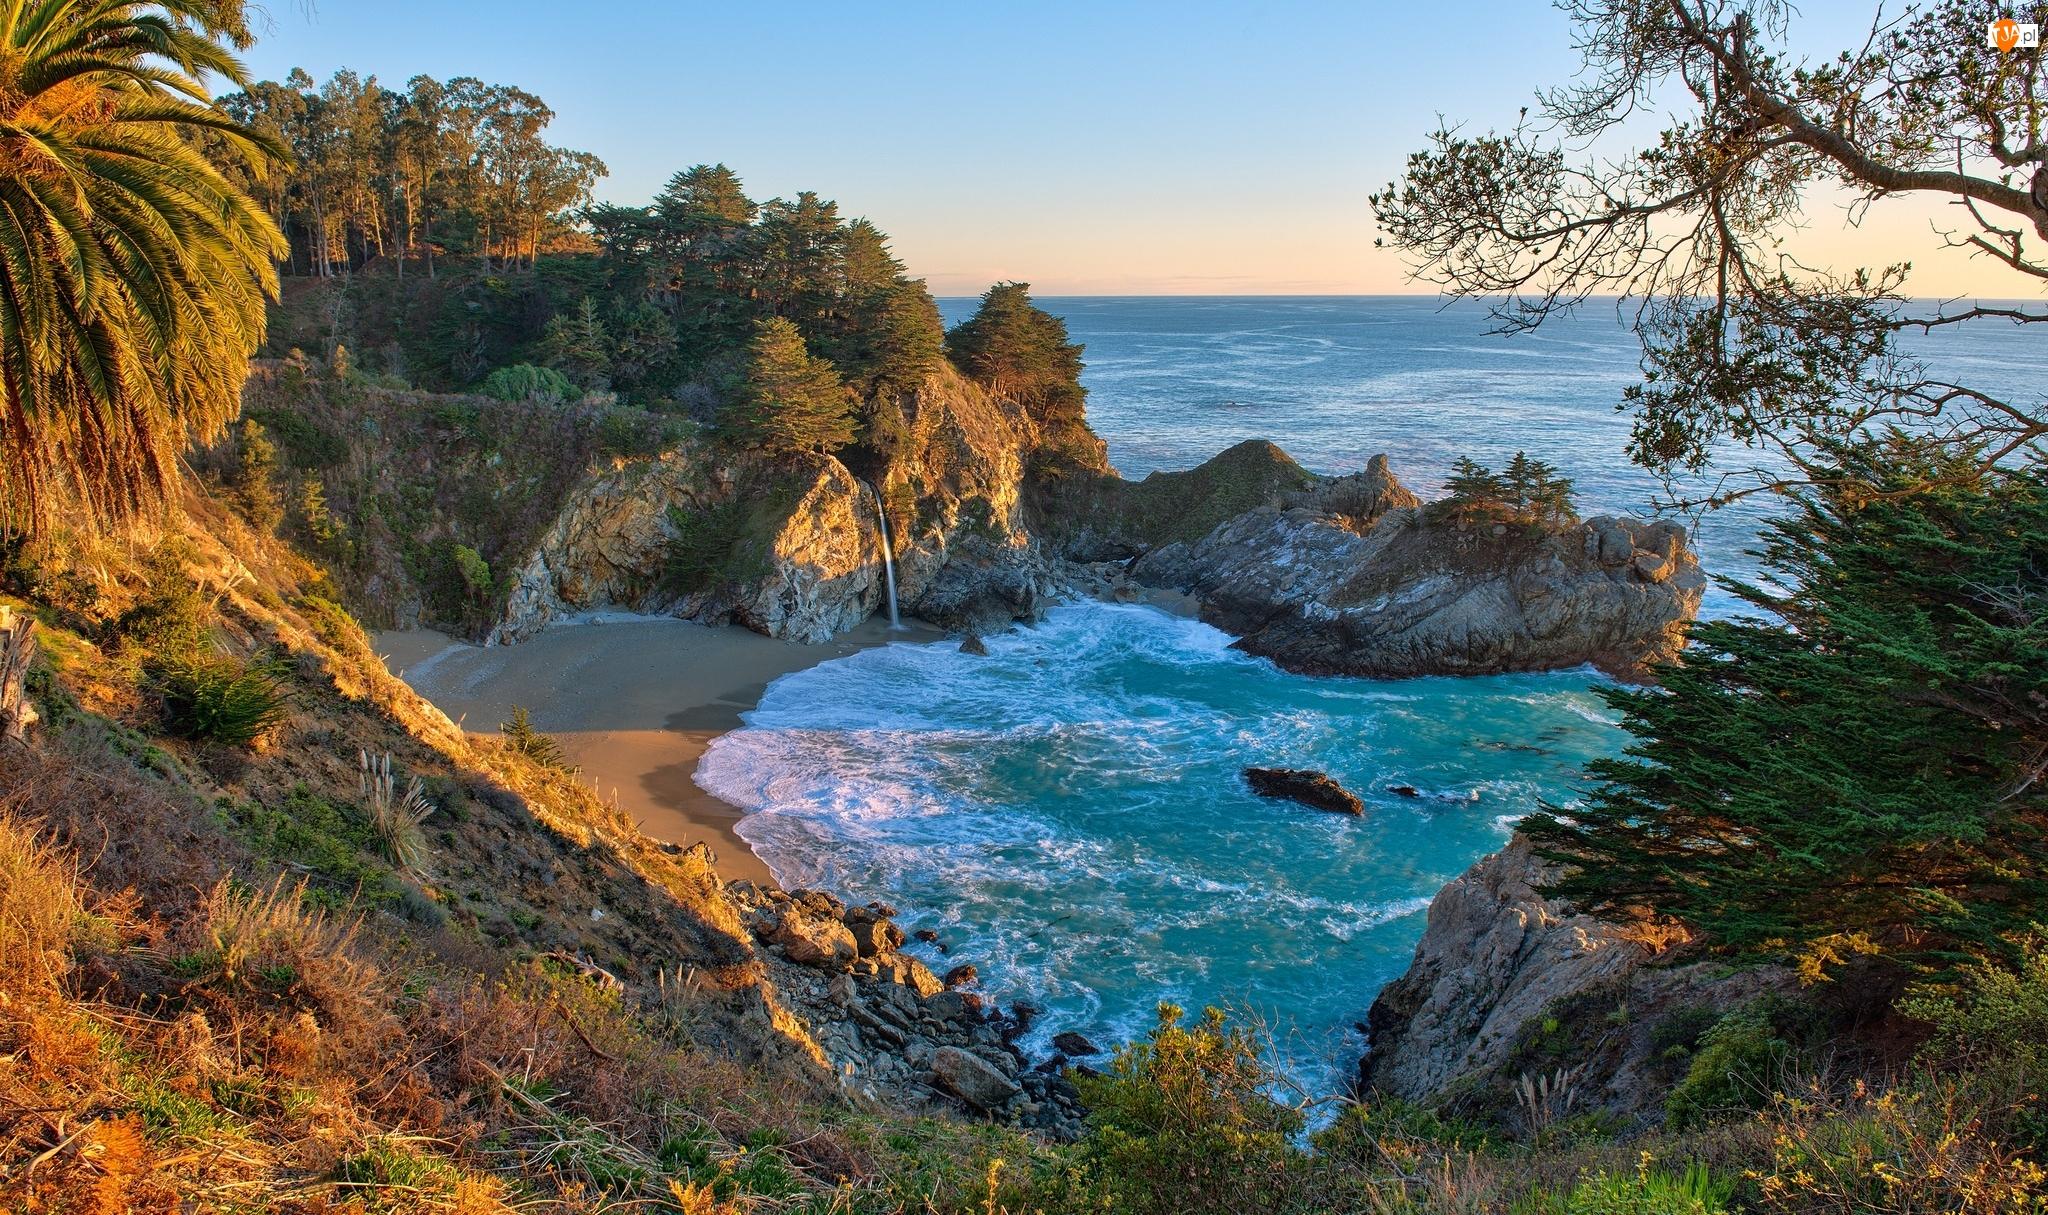 Morze, Wodospad McWay Falls, Zatoka, Roślinność, Drzewa, Stany Zjednoczone, Okręg Monterey, Zatoczka McWay Cove, Kalifornia, Skały, Park stanowy Julii Pfeiffer Burns, Wybrzeże